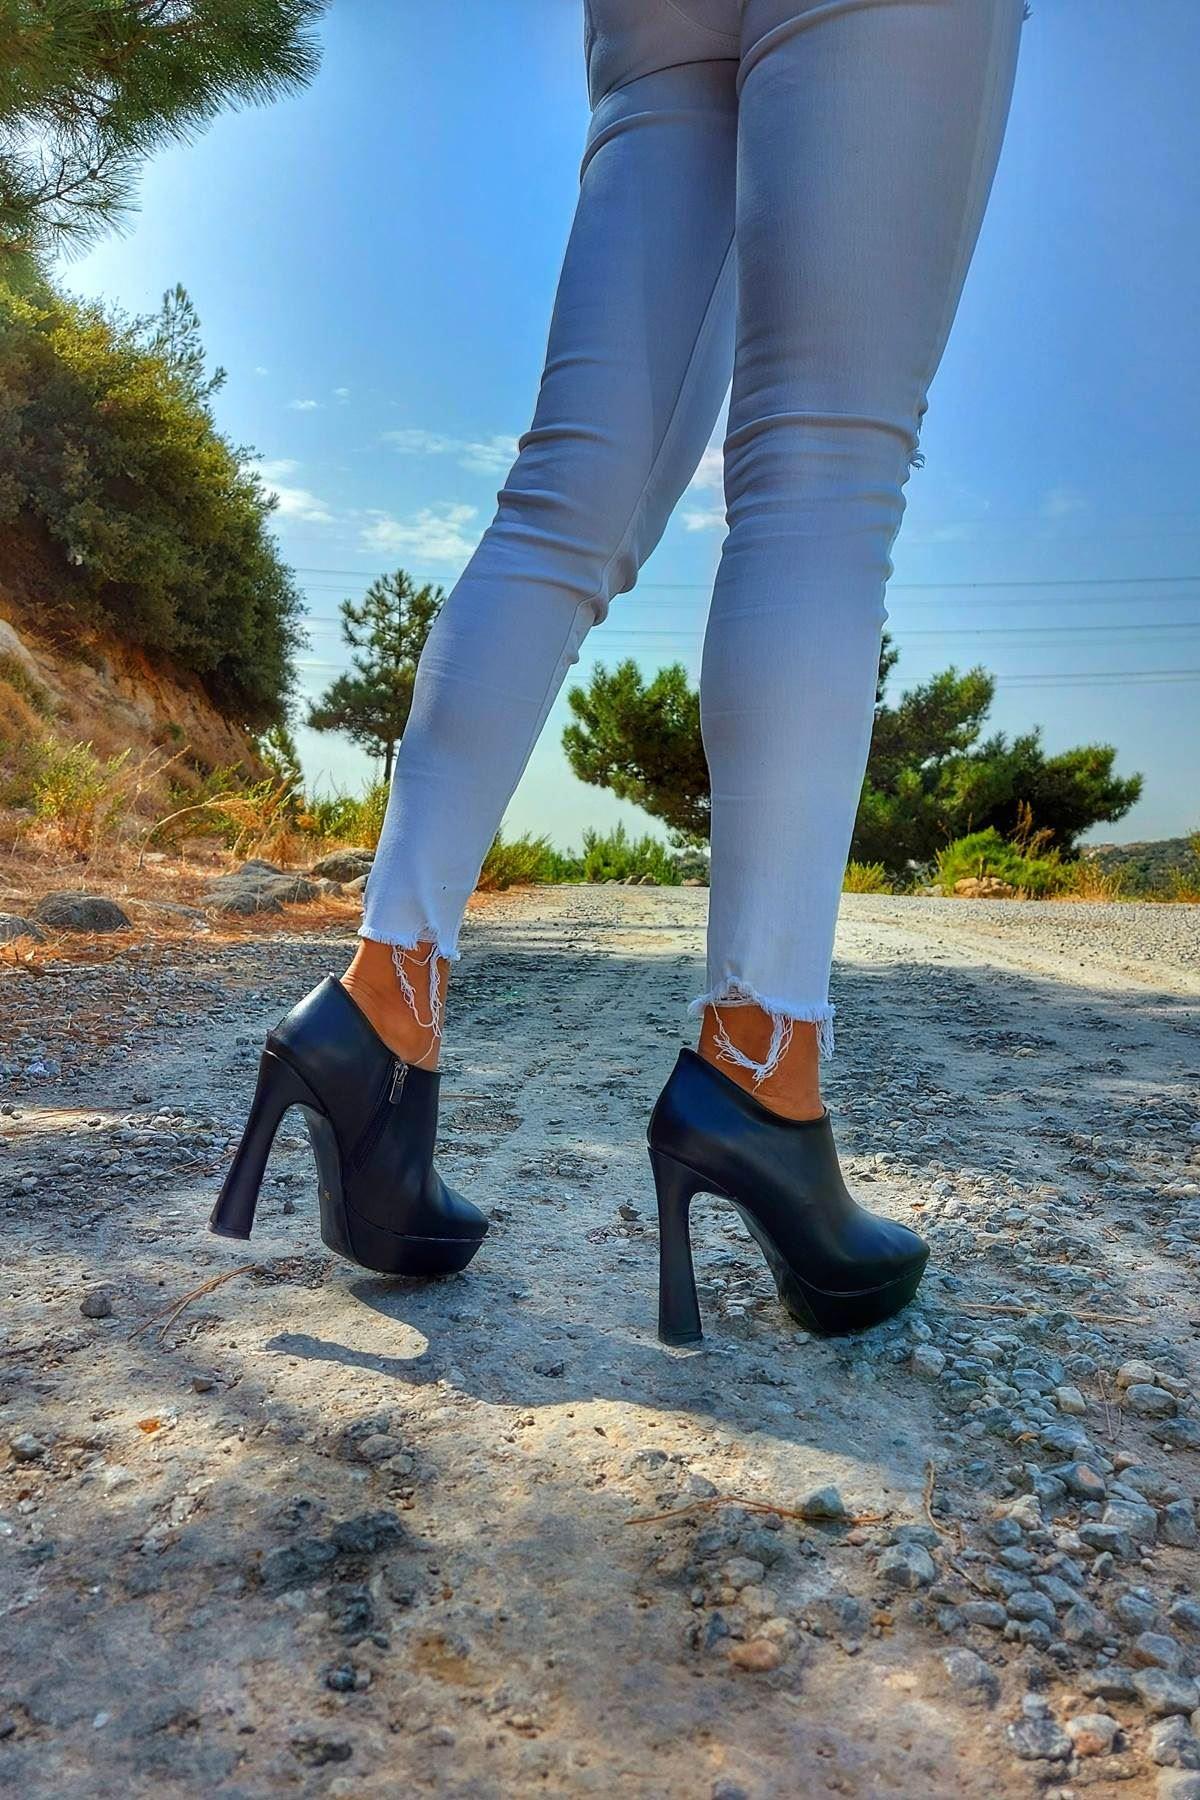 Cattle Siyah Cilt Topuklu Kadın Bot